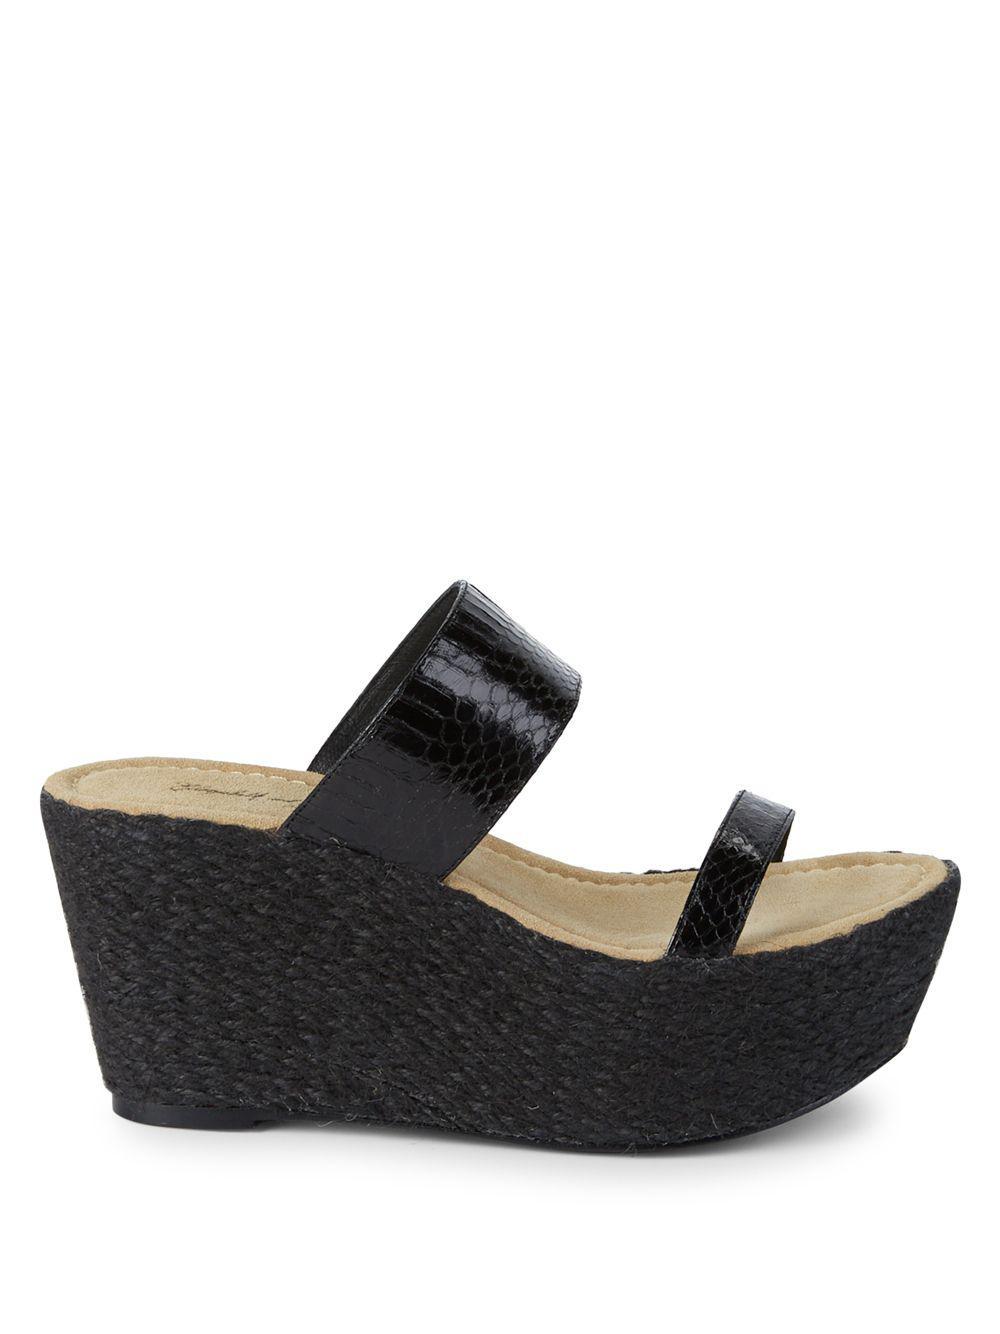 Kimber james heels wedge